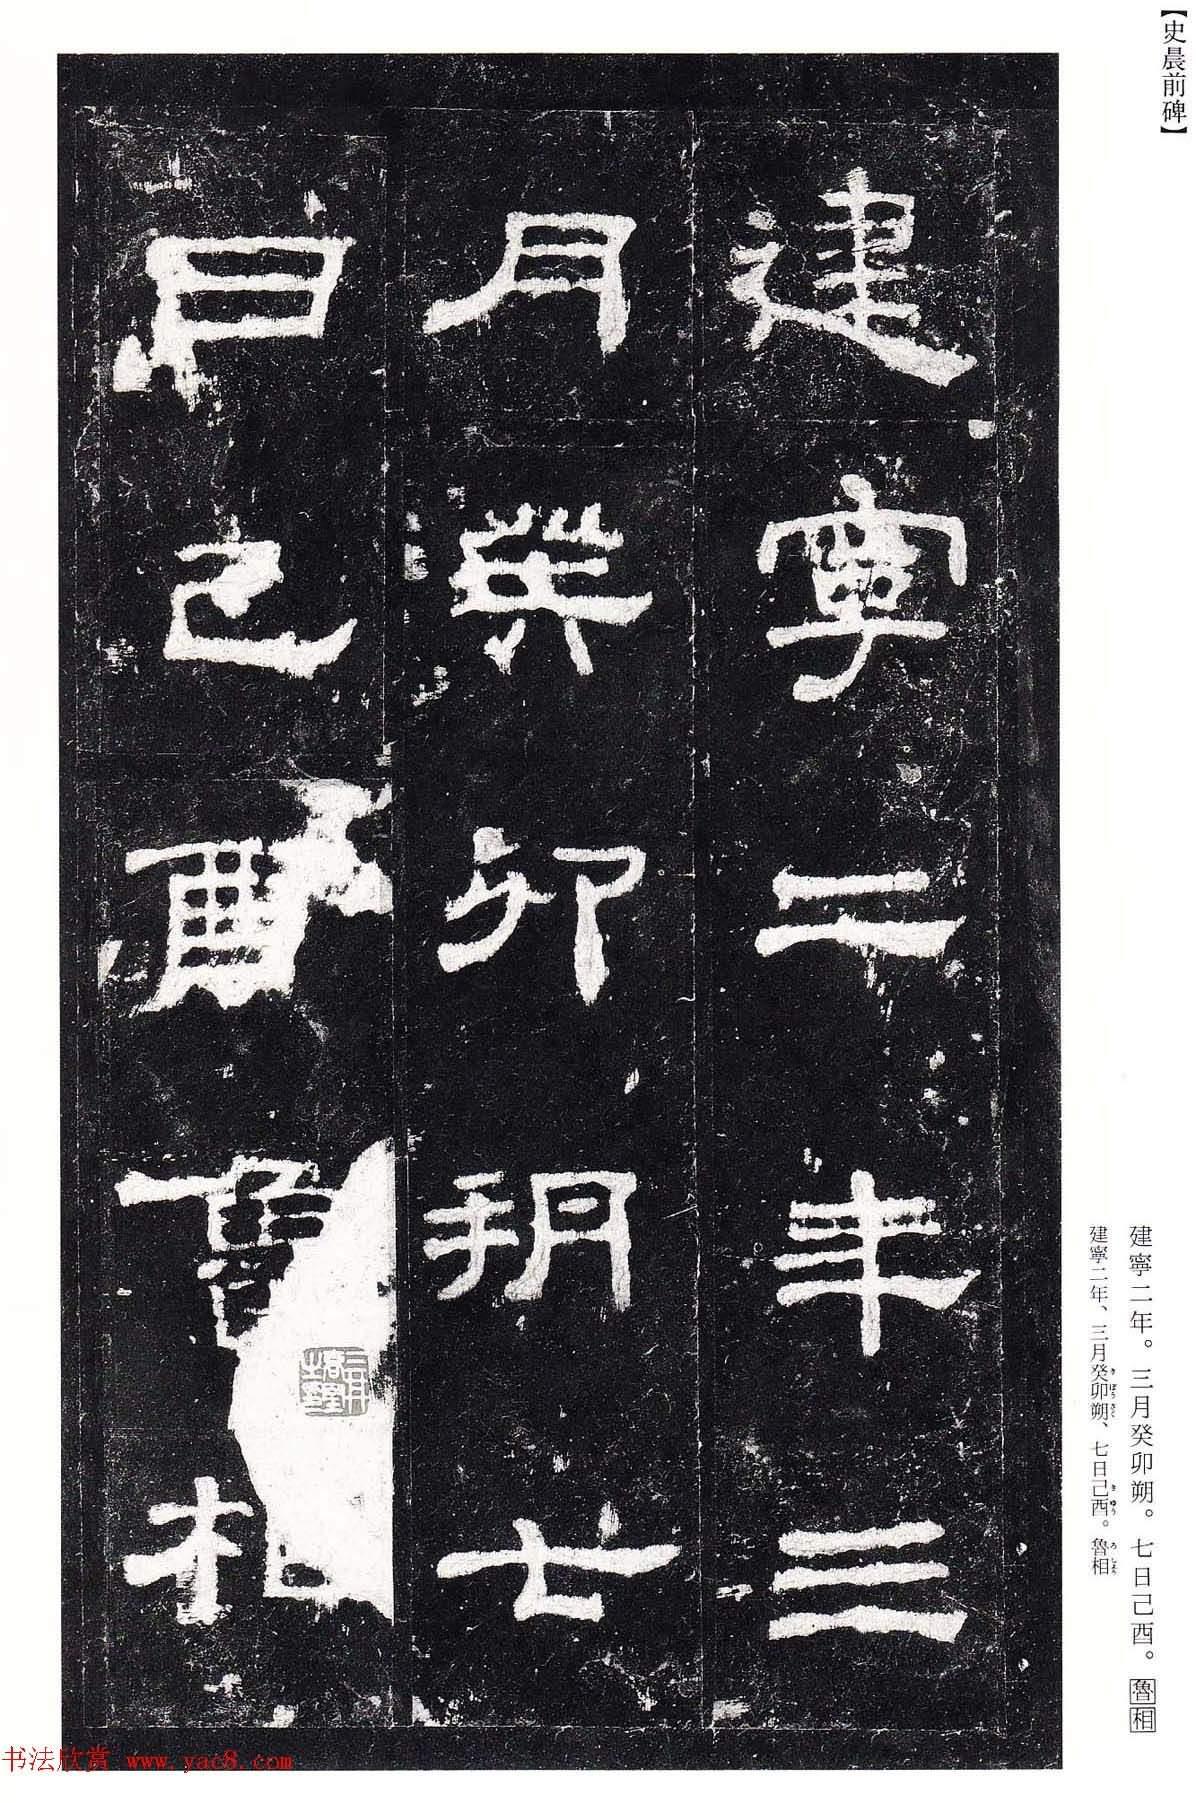 東漢隸書名碑《史晨前碑》日本二玄社高清版(共36張圖片)